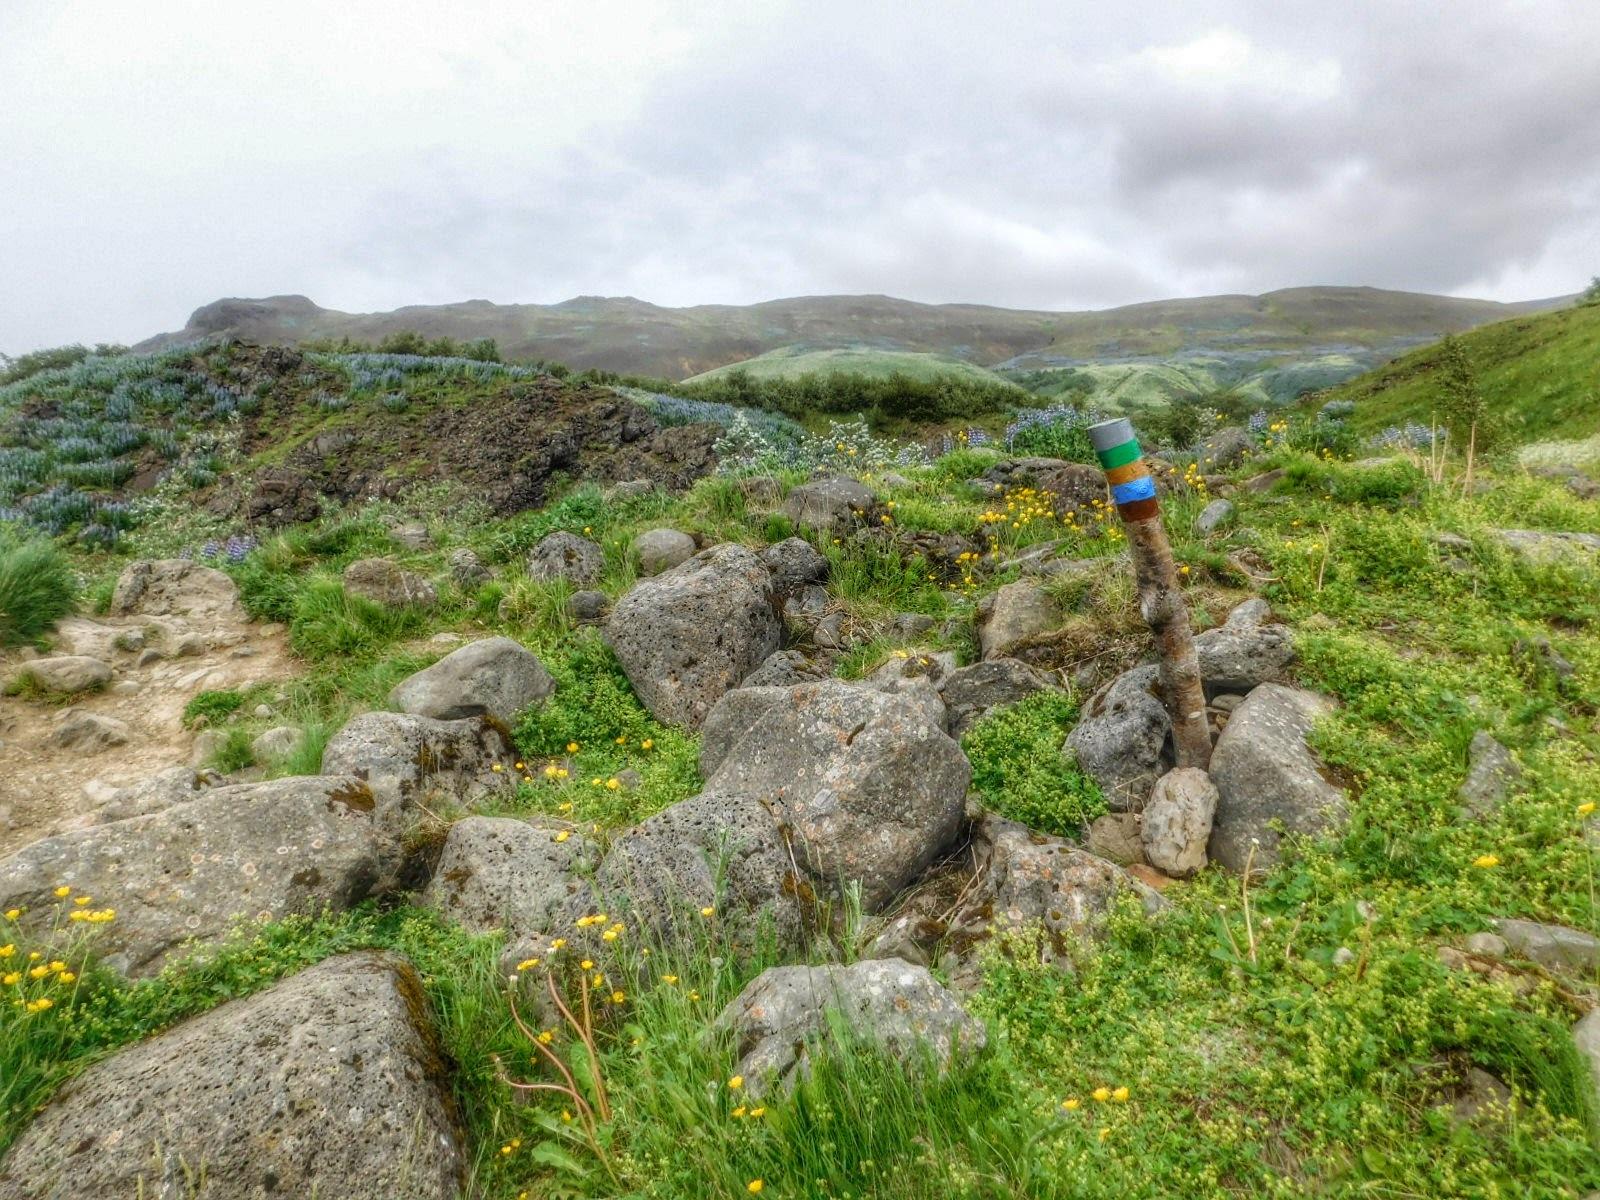 Near Reykjavik, Iceland  by Sheila Button